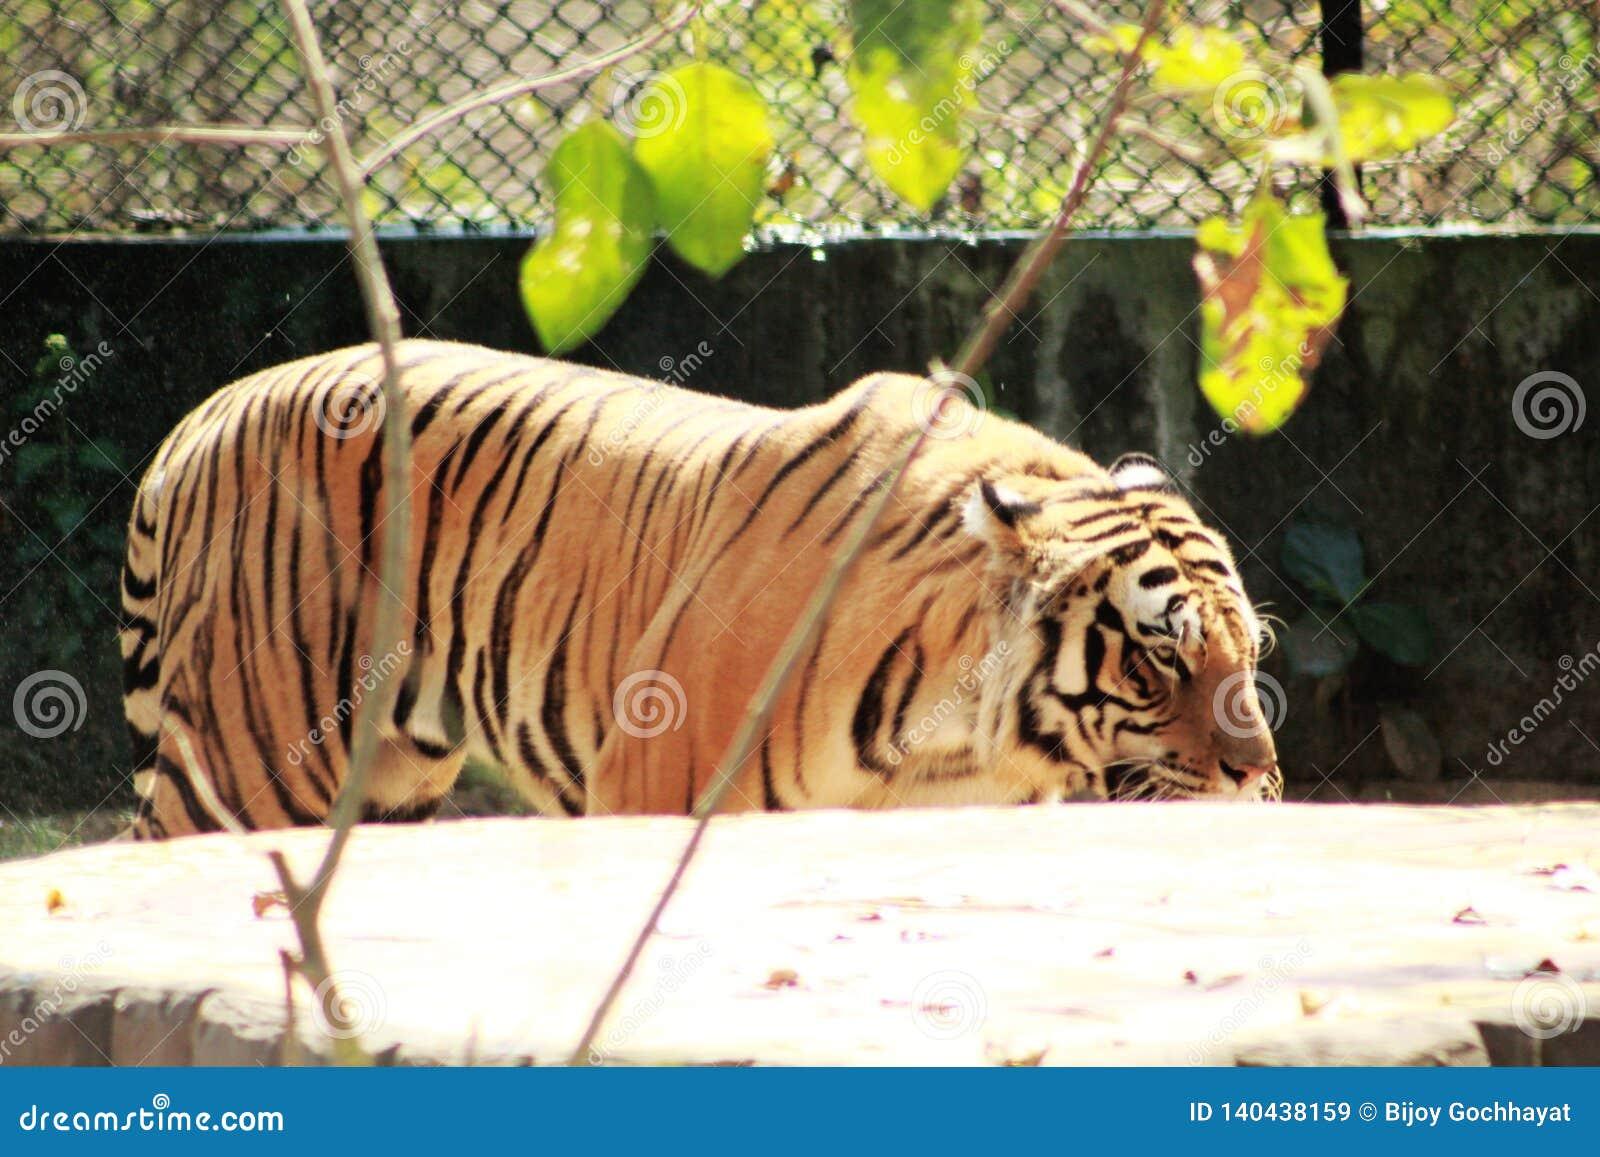 Πλάγια όψη του Τίγρη τιγρών κοντά σε έναν τοίχο